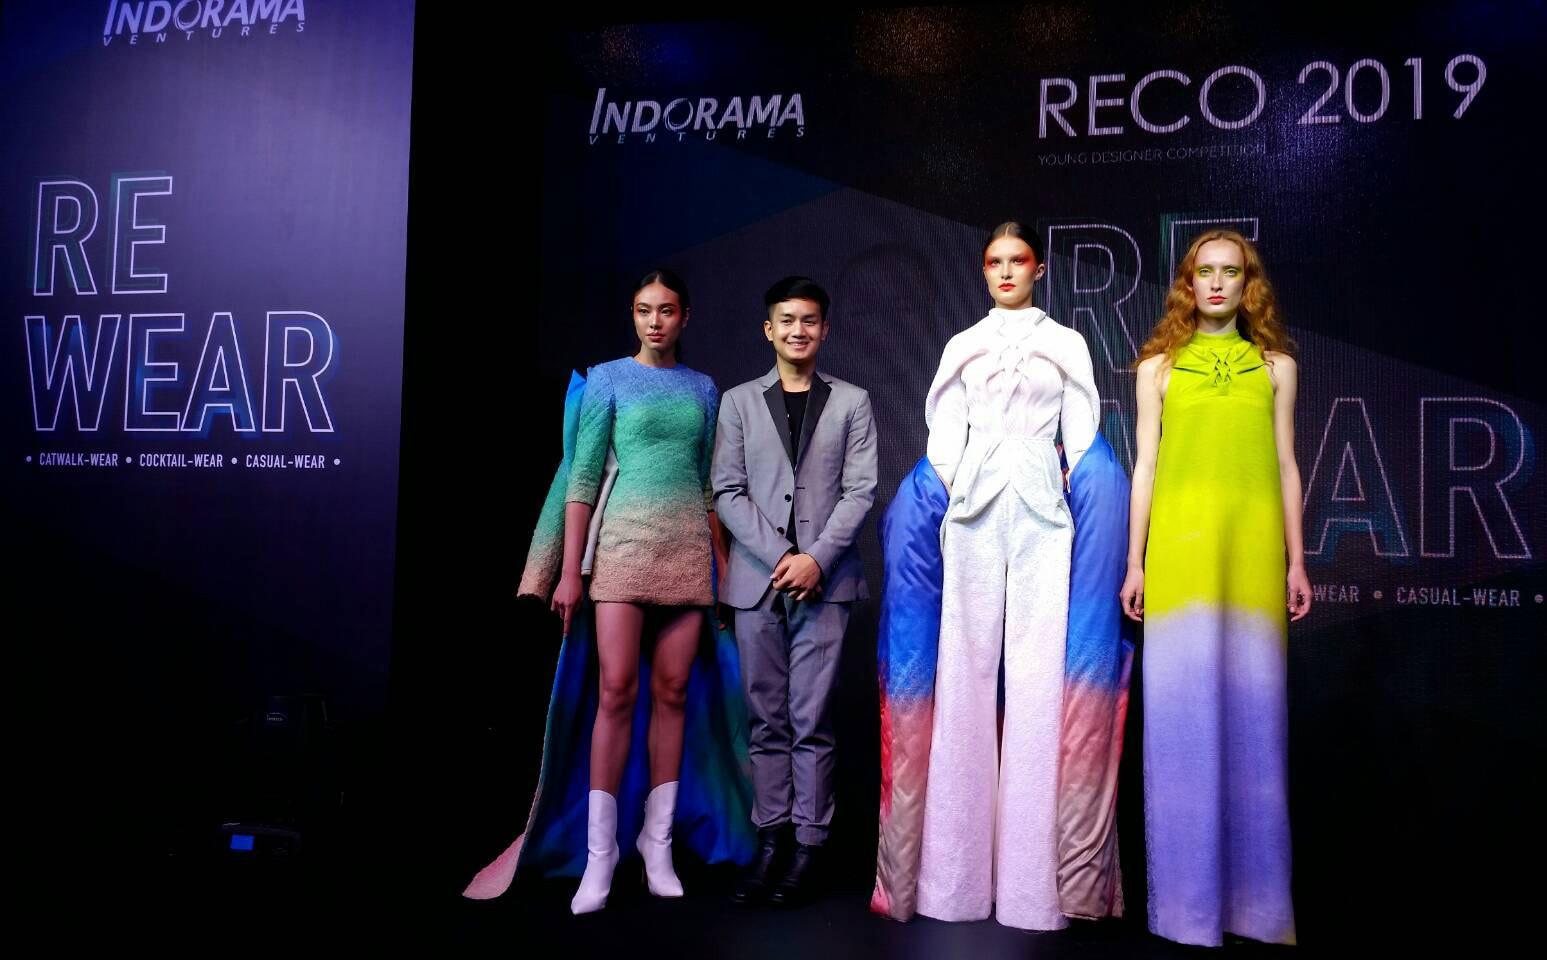 ผลงานชุดประกวดงาน Reco 2019